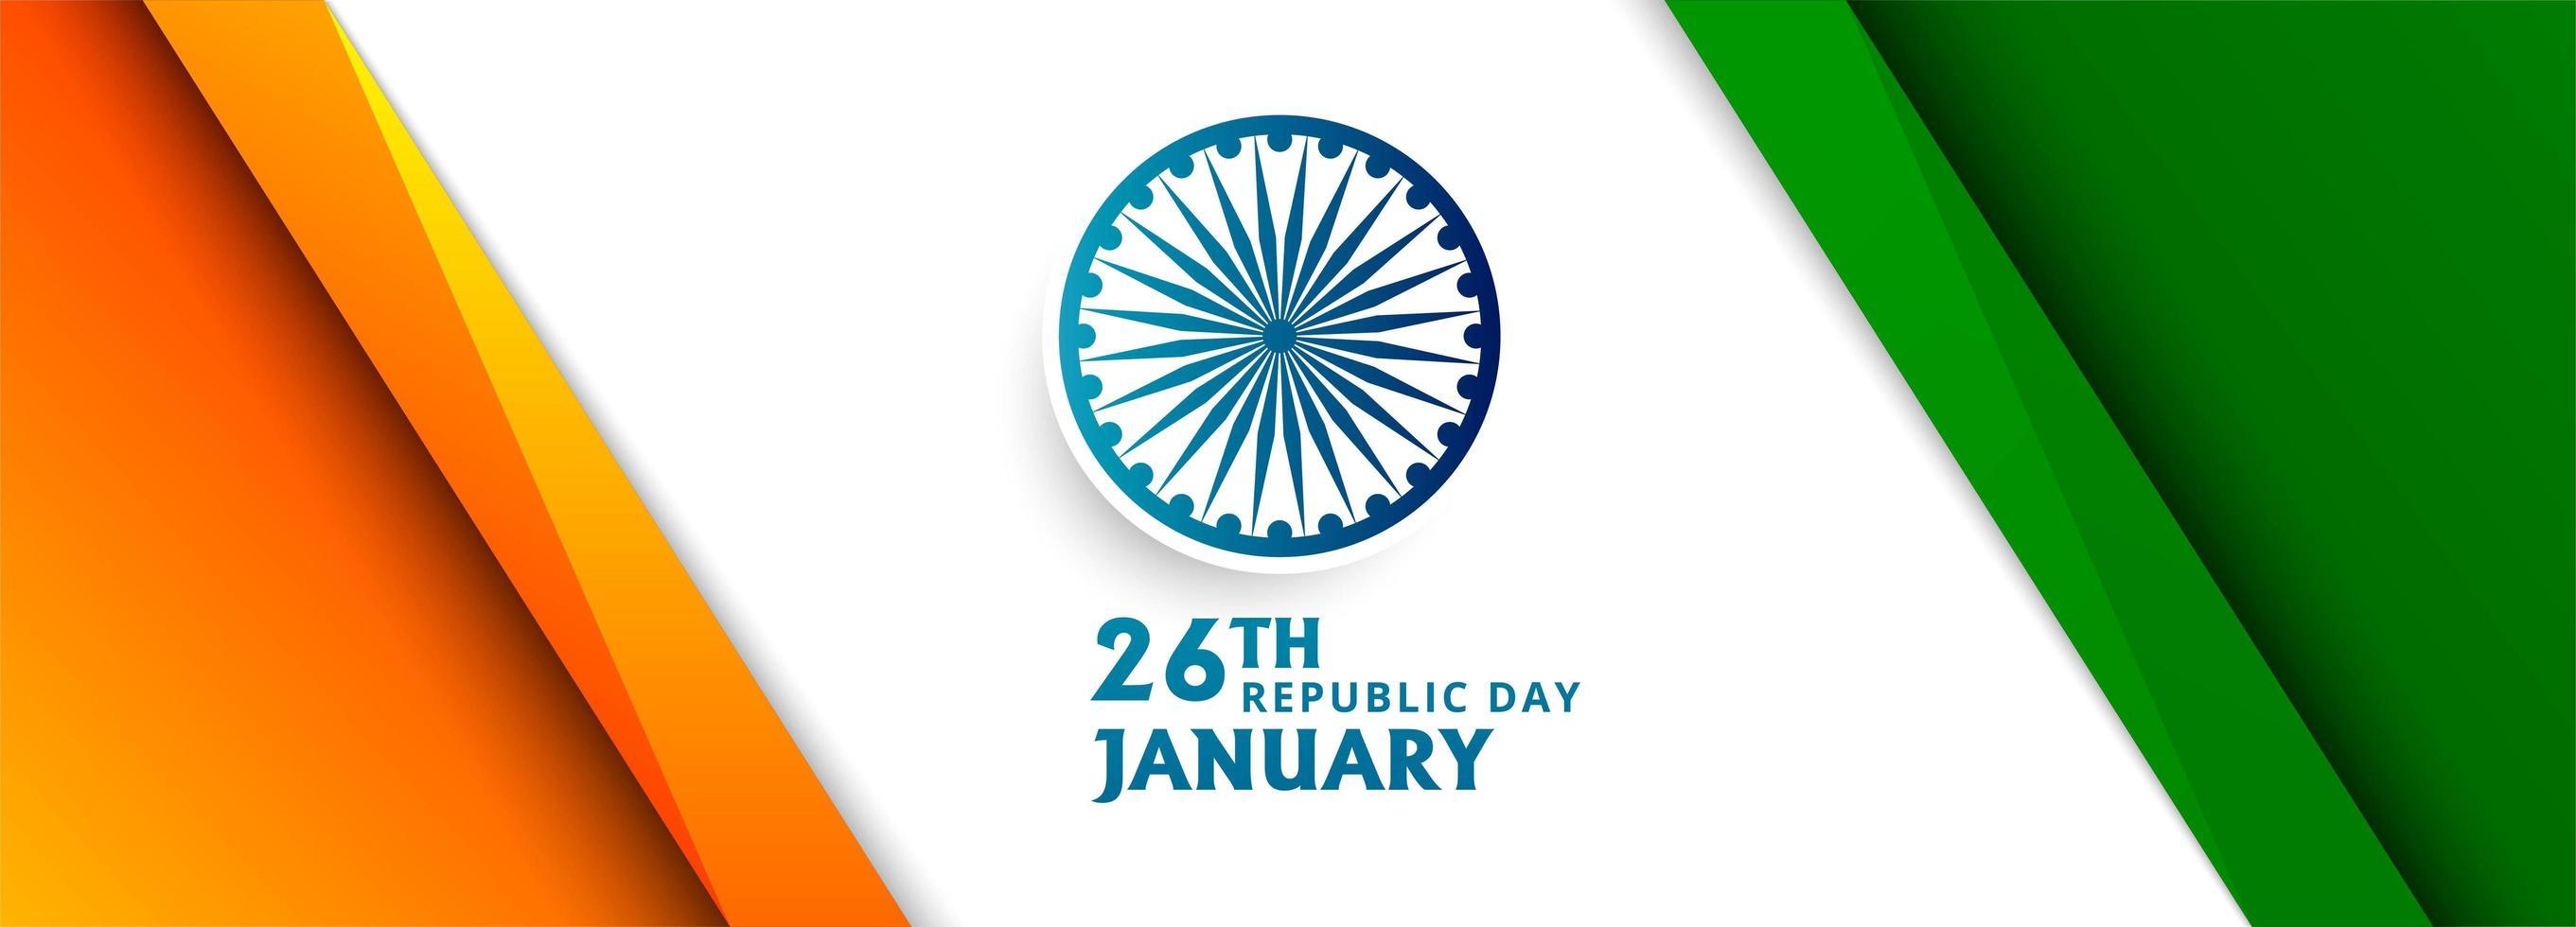 Bandiera dell'onda bandiera indiana con design ad angolo vettore